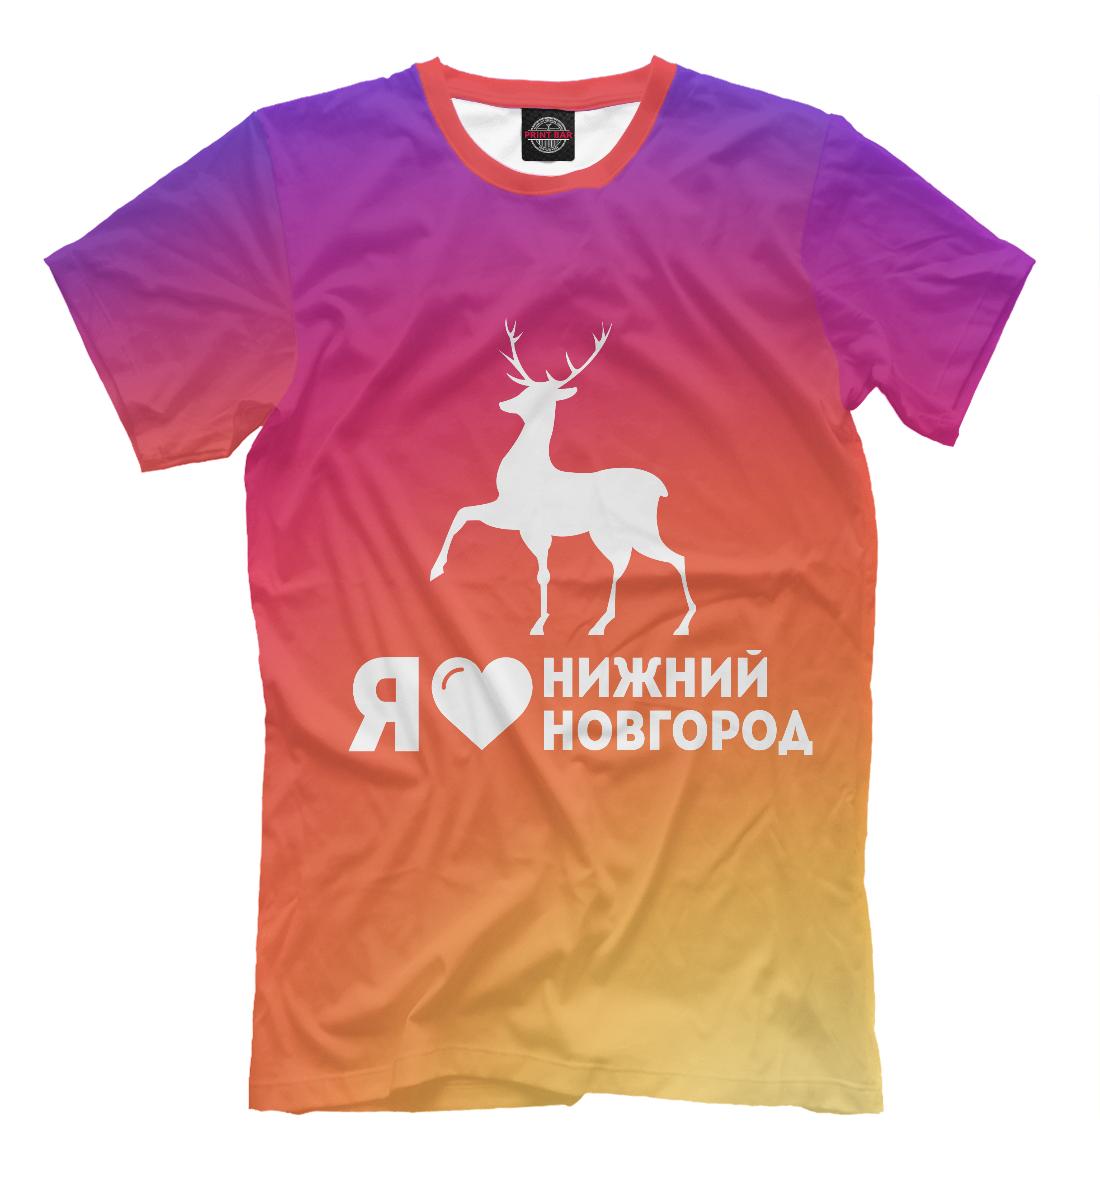 купить футболки в нижнем новгороде